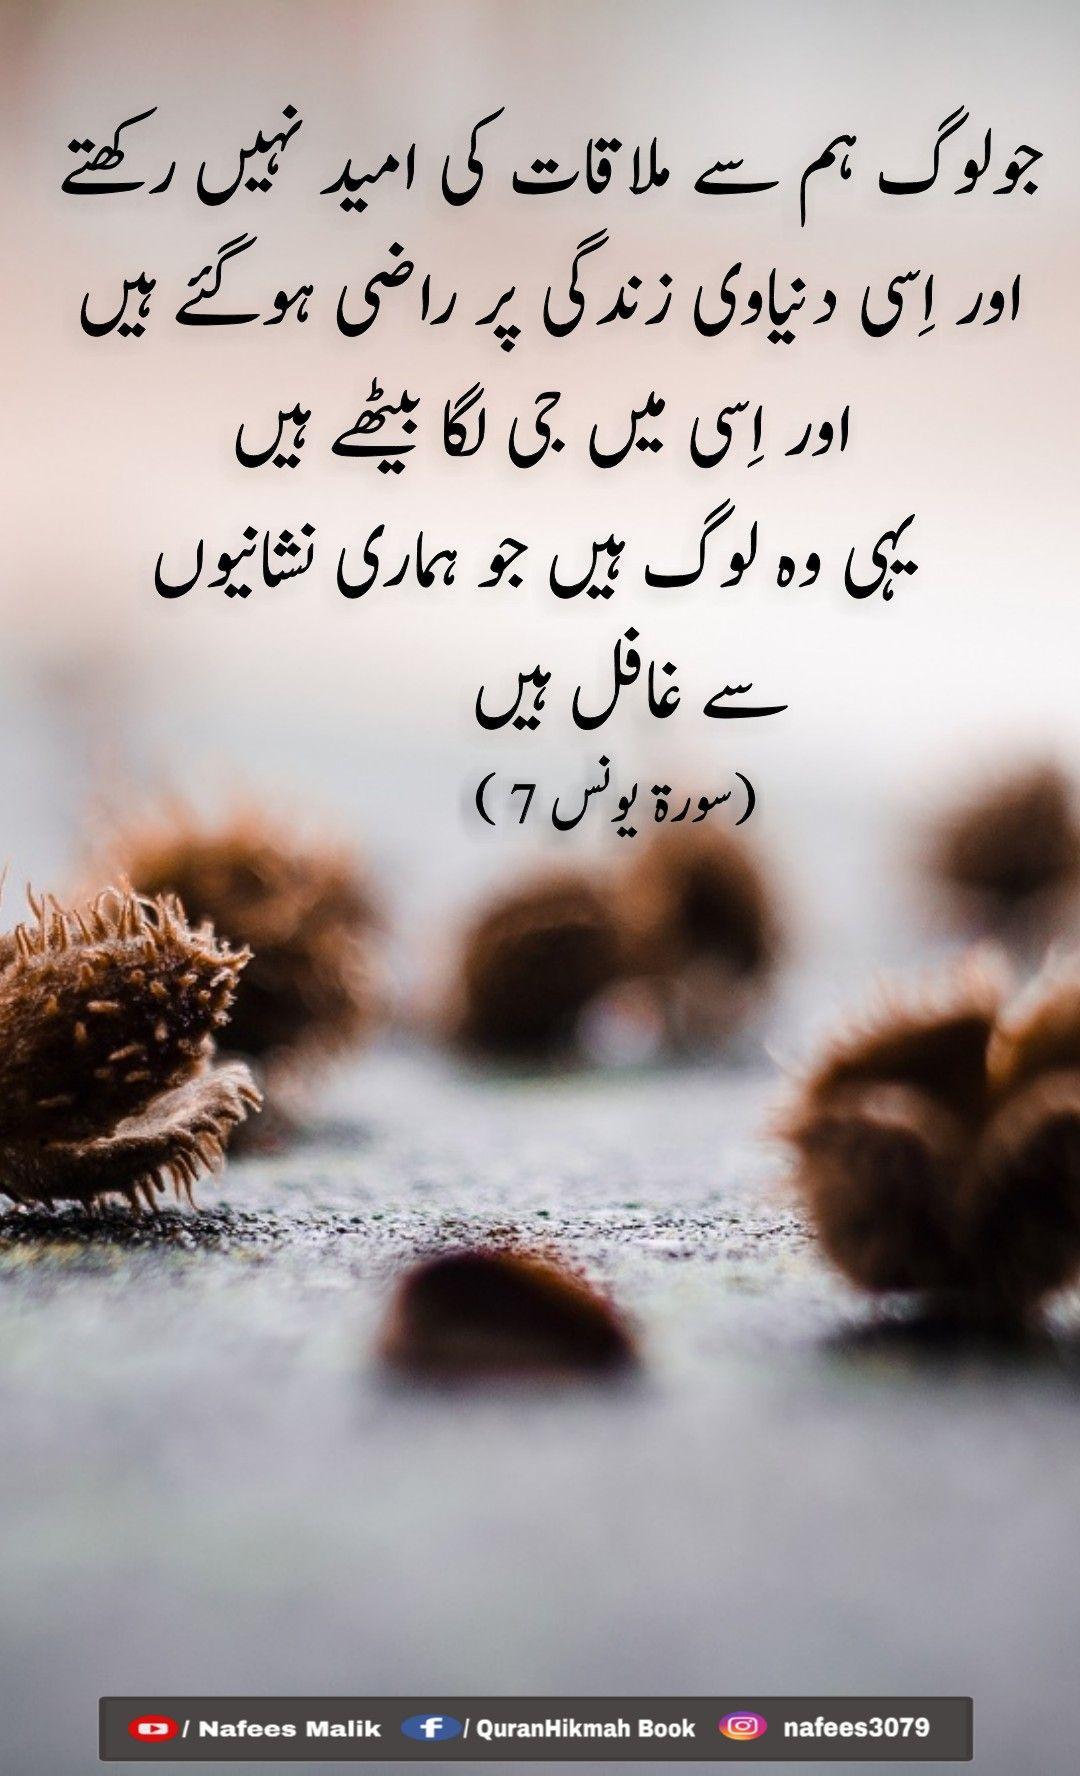 Pin By Quran Urdu On Nafees Malik Quran Urdu Aya Quran Quotes